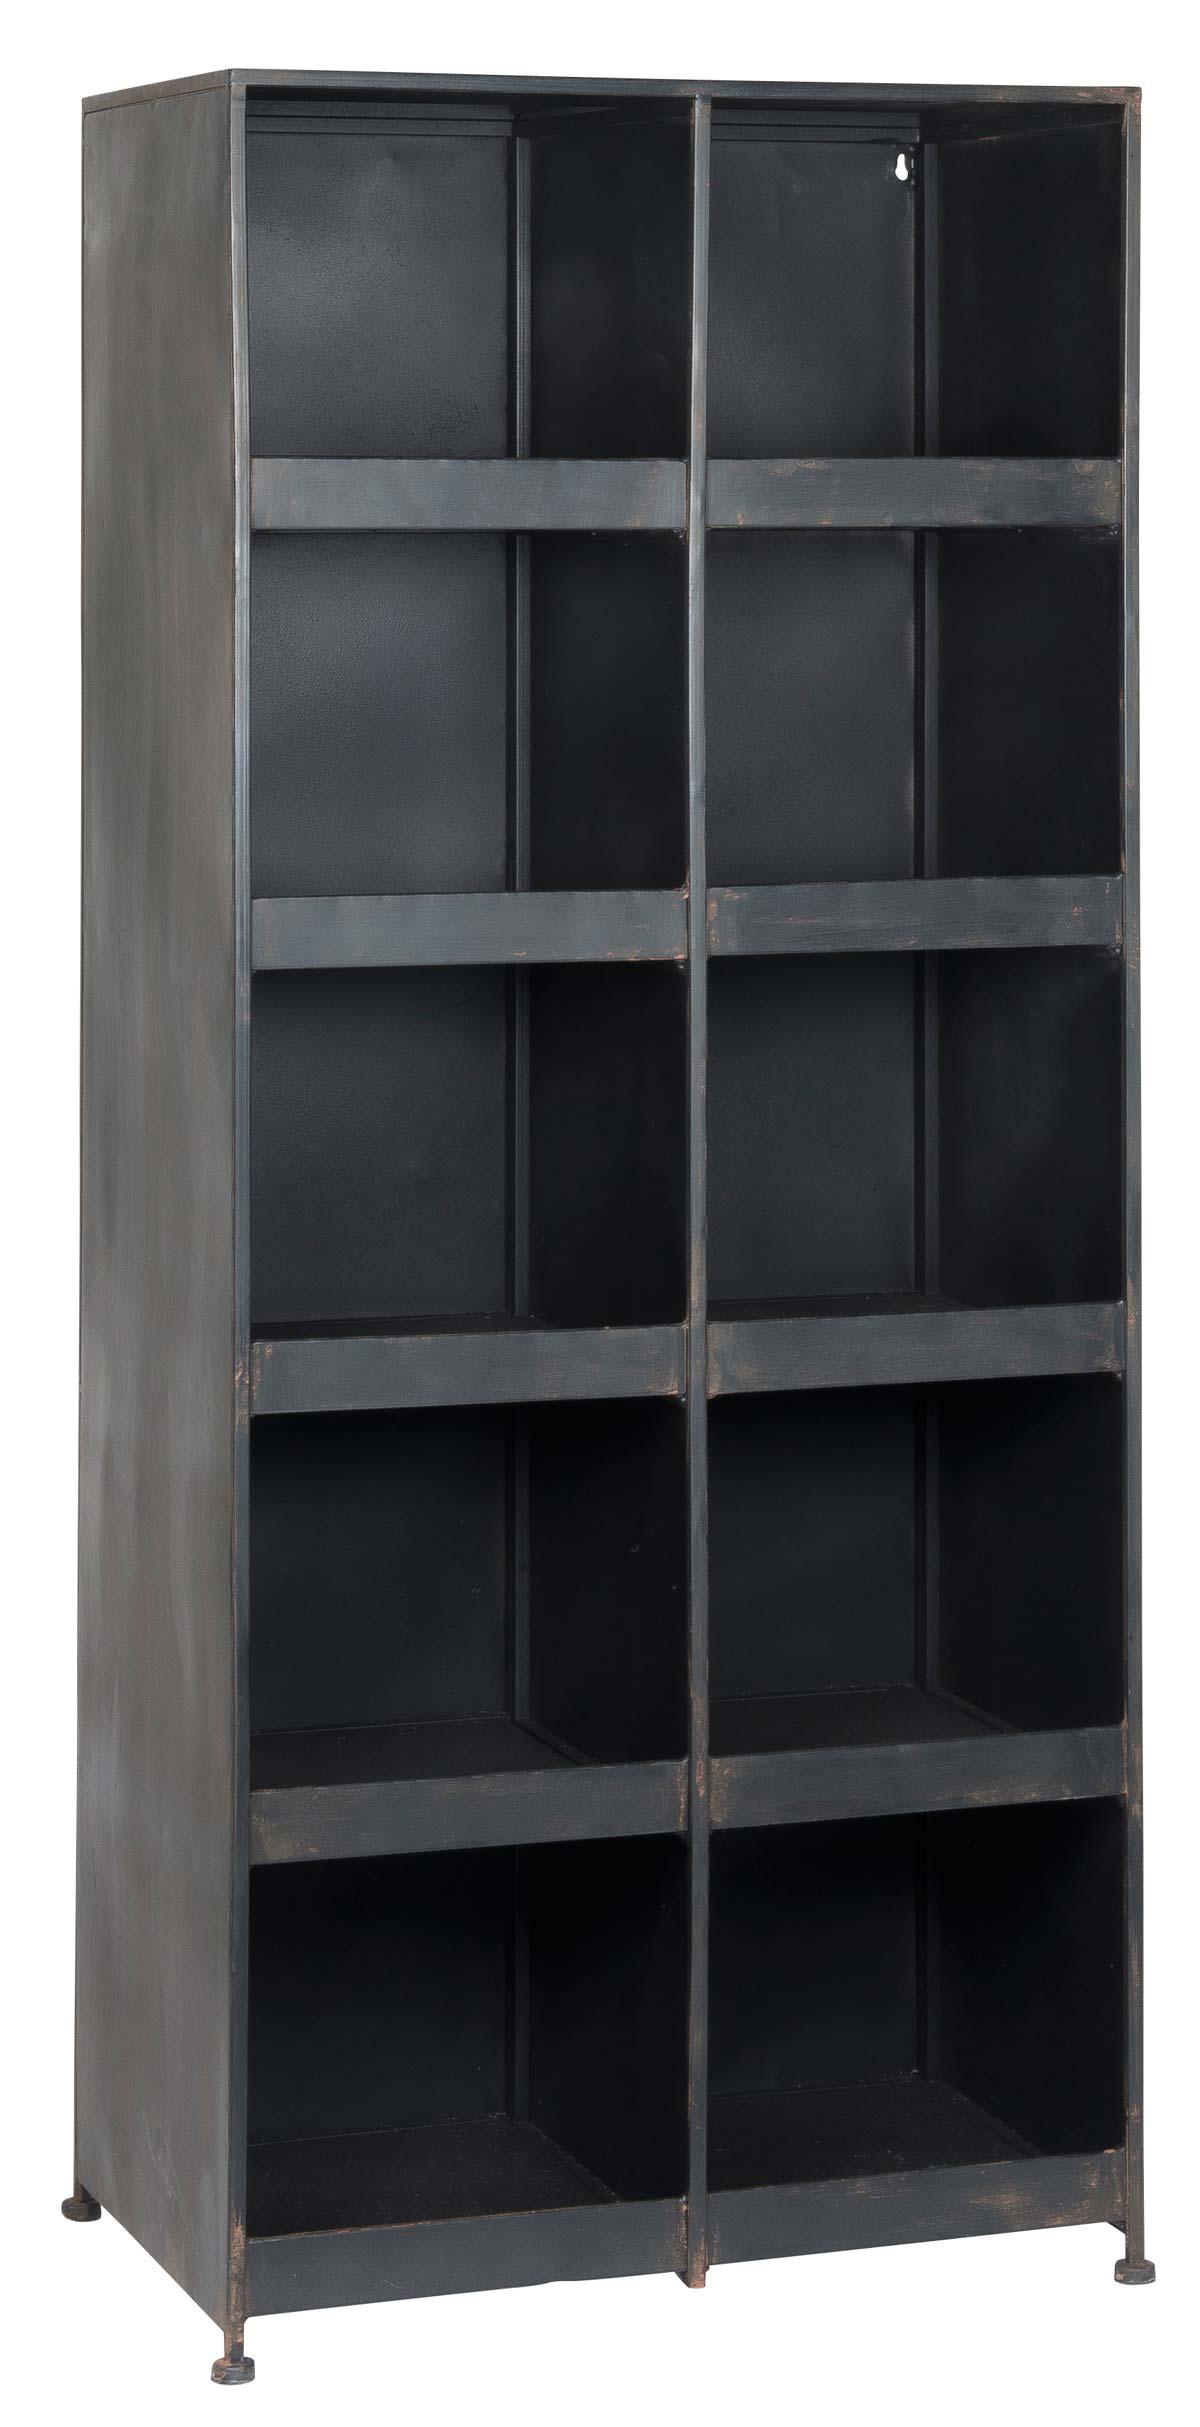 Image of   IB LAURSEN reol - grå metal, m. 10 rum og 8 hylder, (129x35cm)